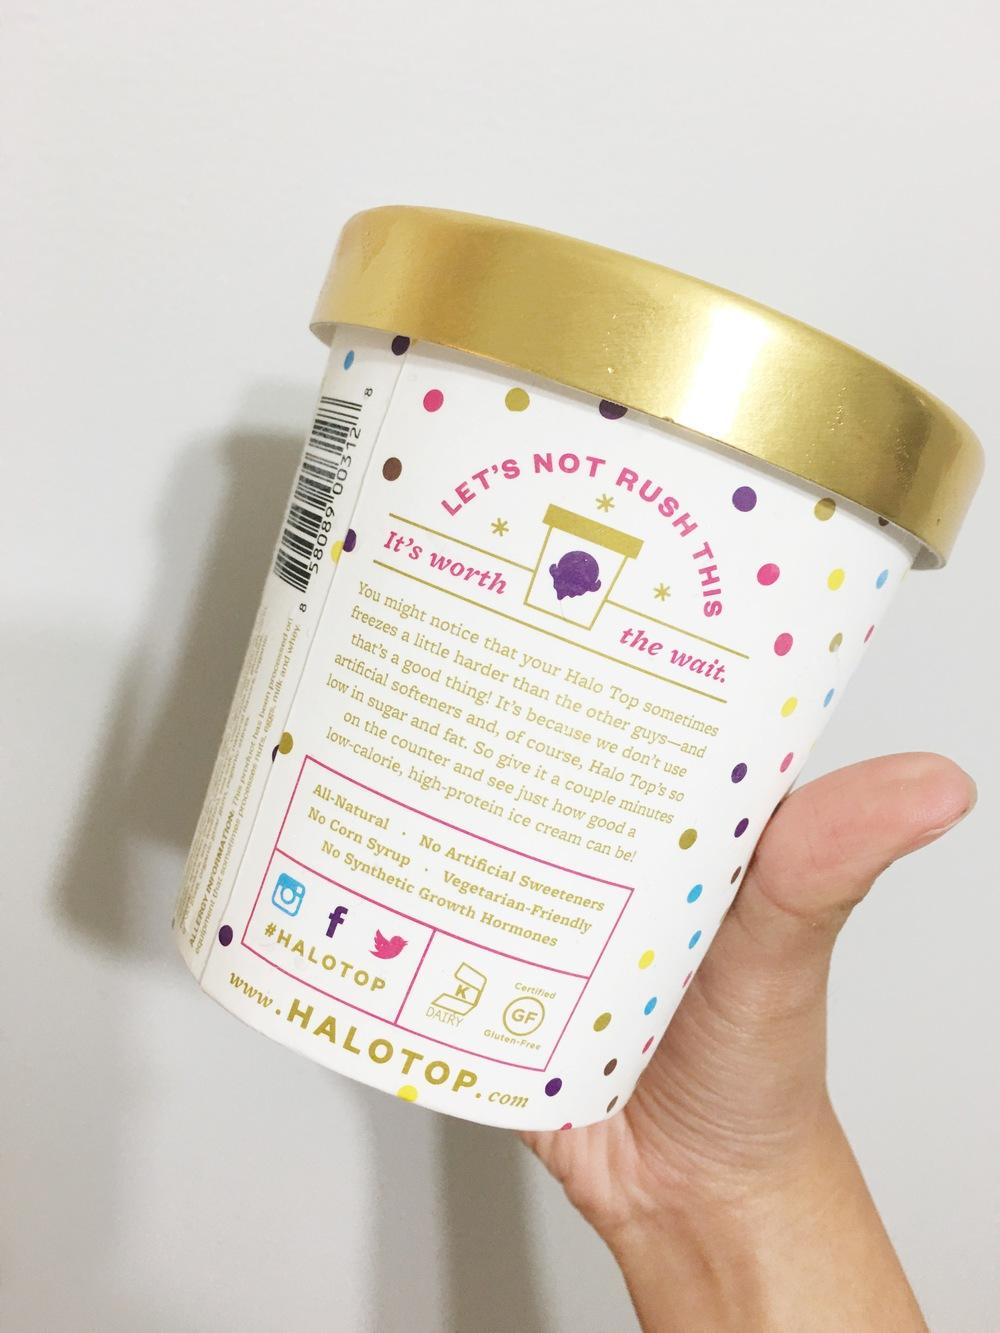 Halo Top Creamery Nina Lam